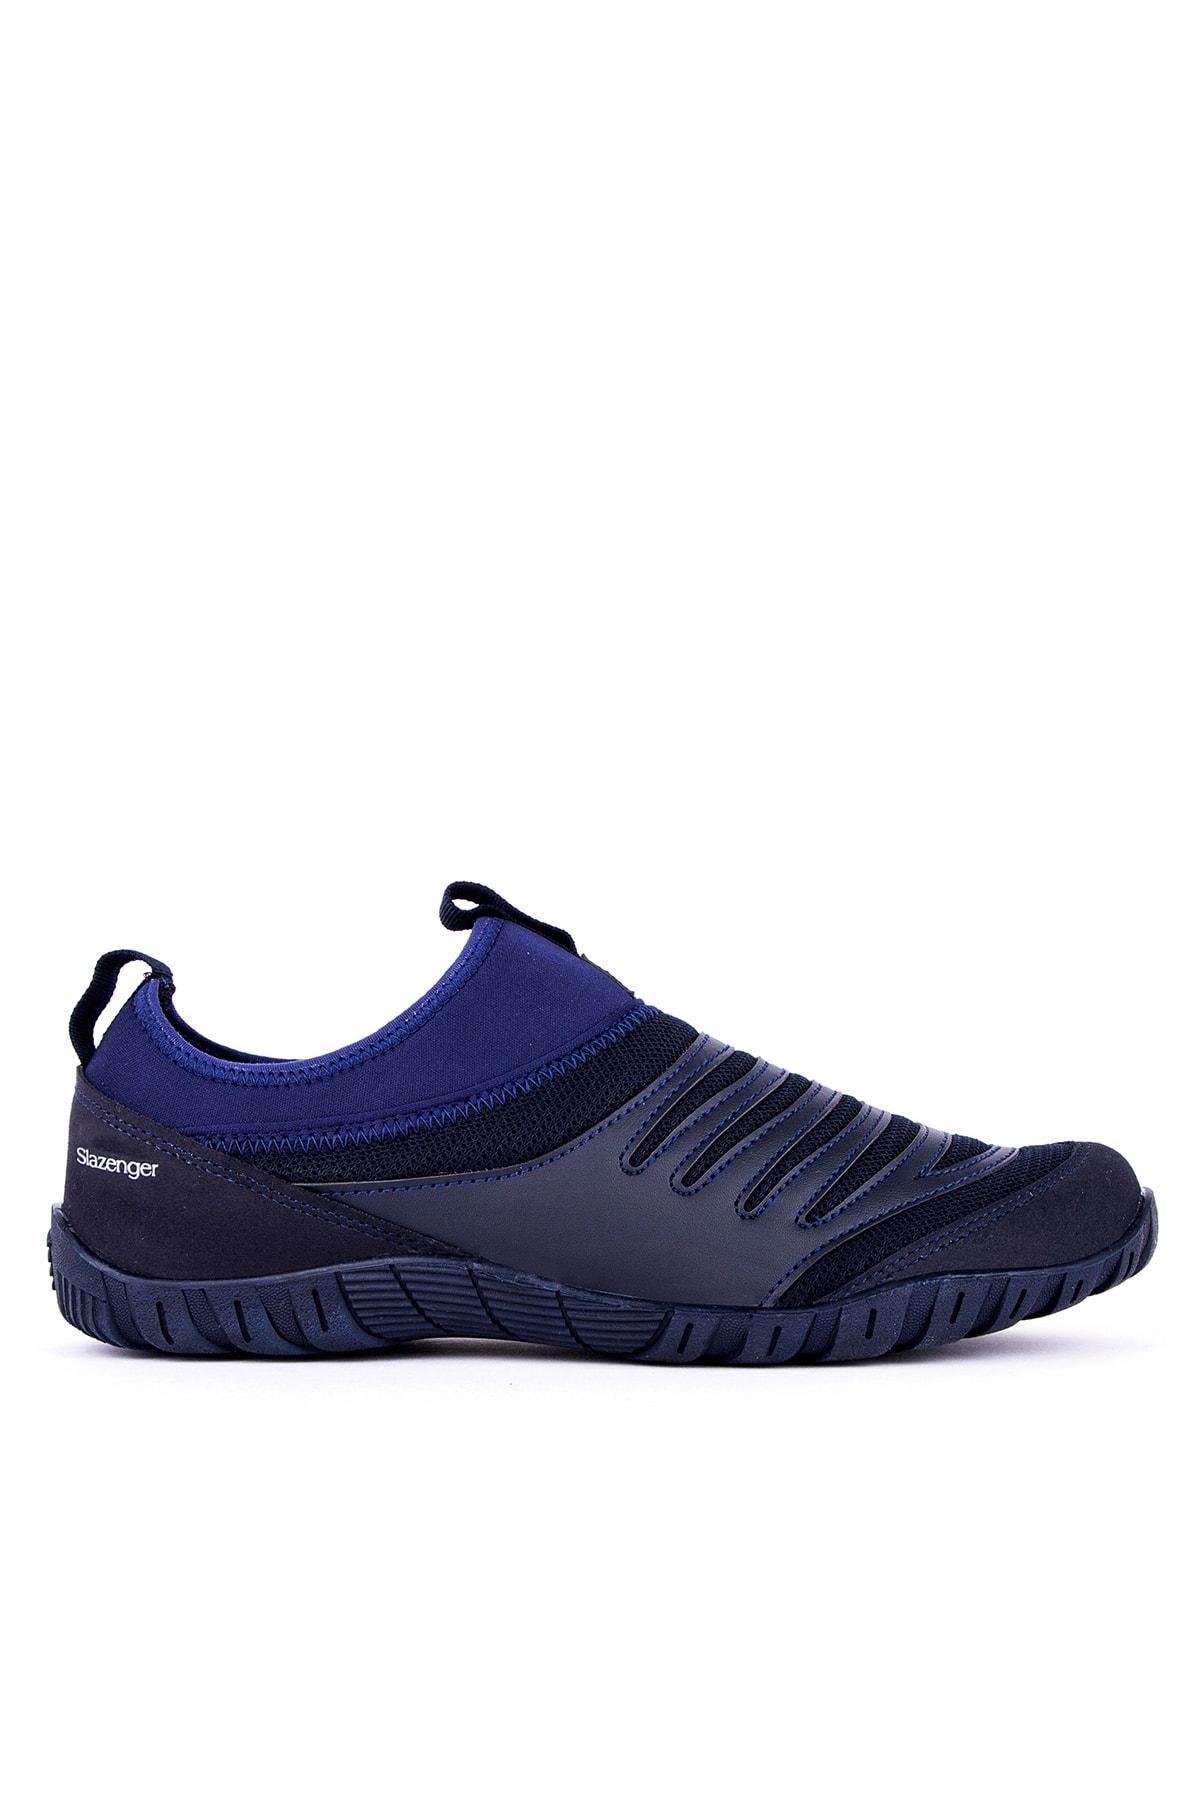 Enya Aqua Erkek Ayakkabı Lacivert Sa11qe035